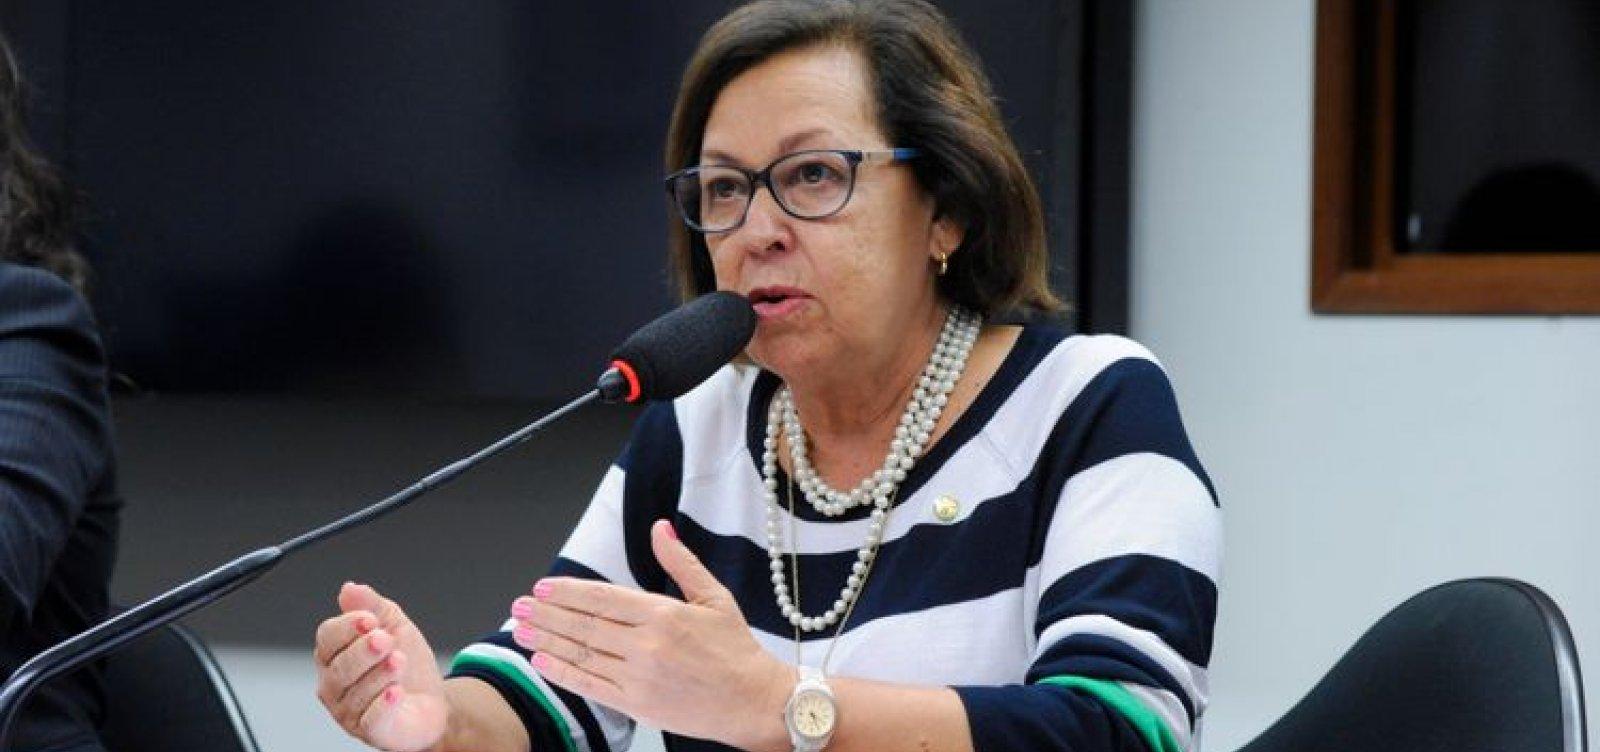 Ingresso de Freixo no PSB fortalecerá embates da esquerda, afirma Lídice